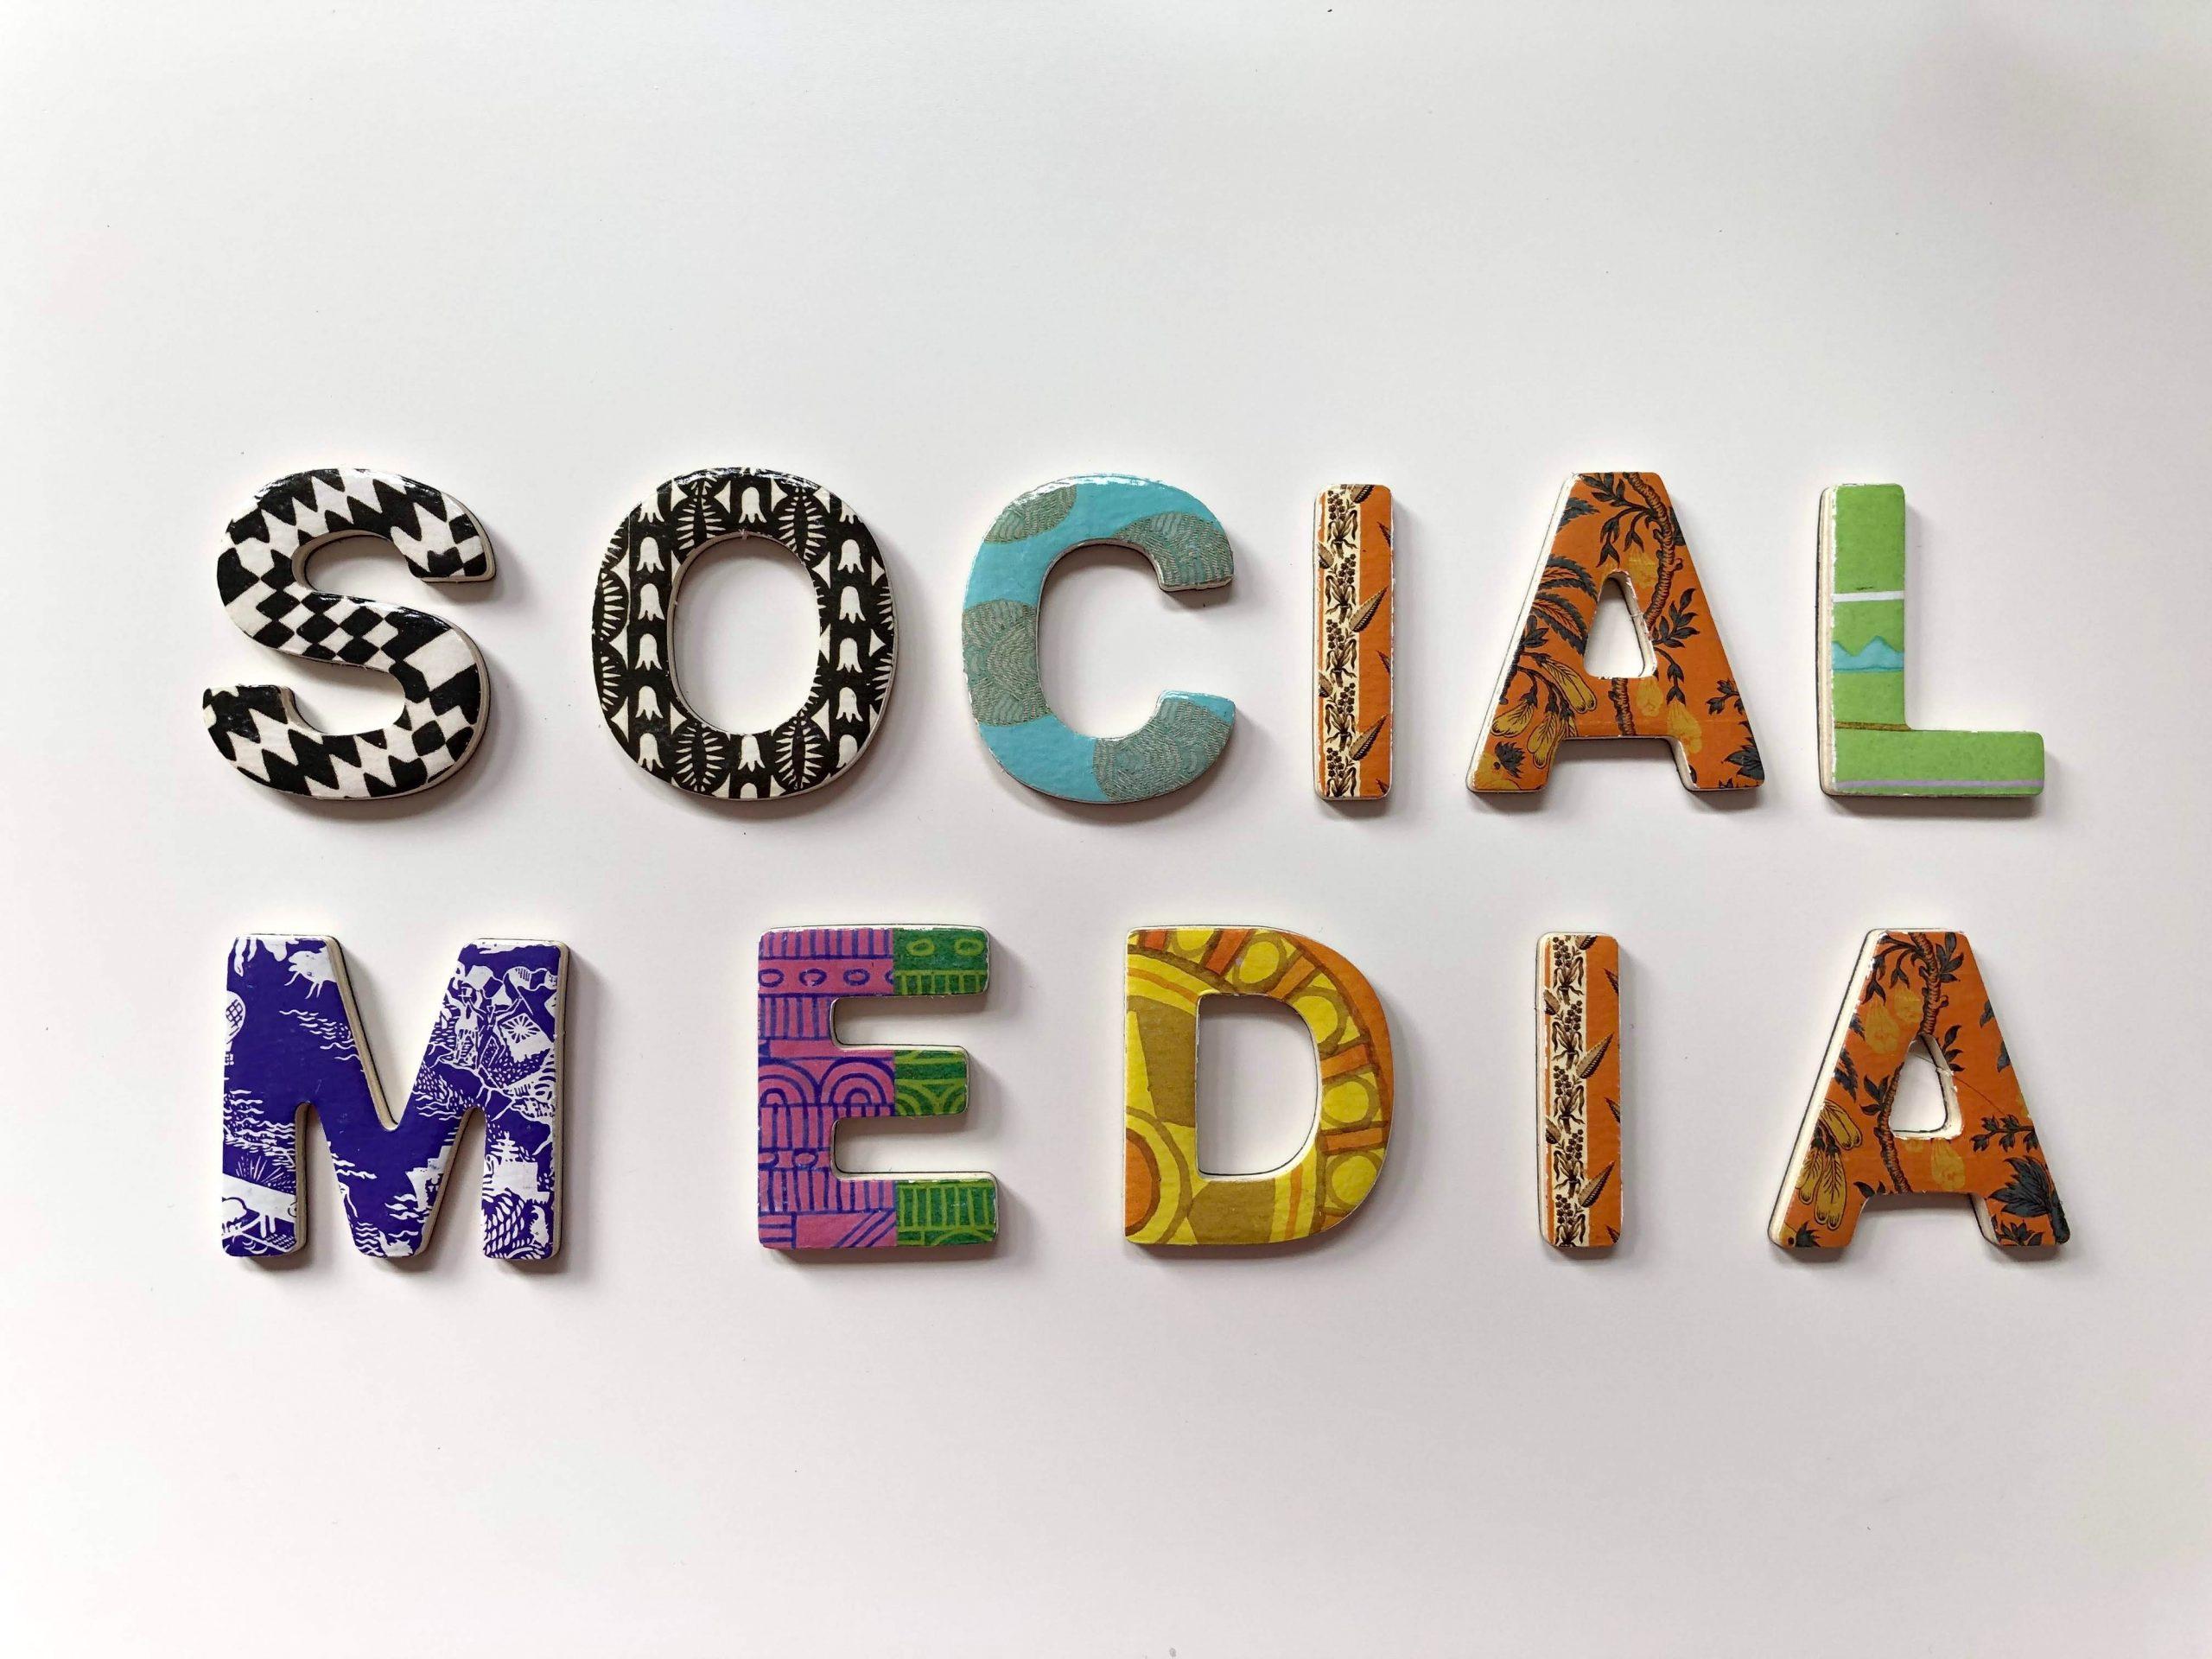 Why I'm Leaving Social Media